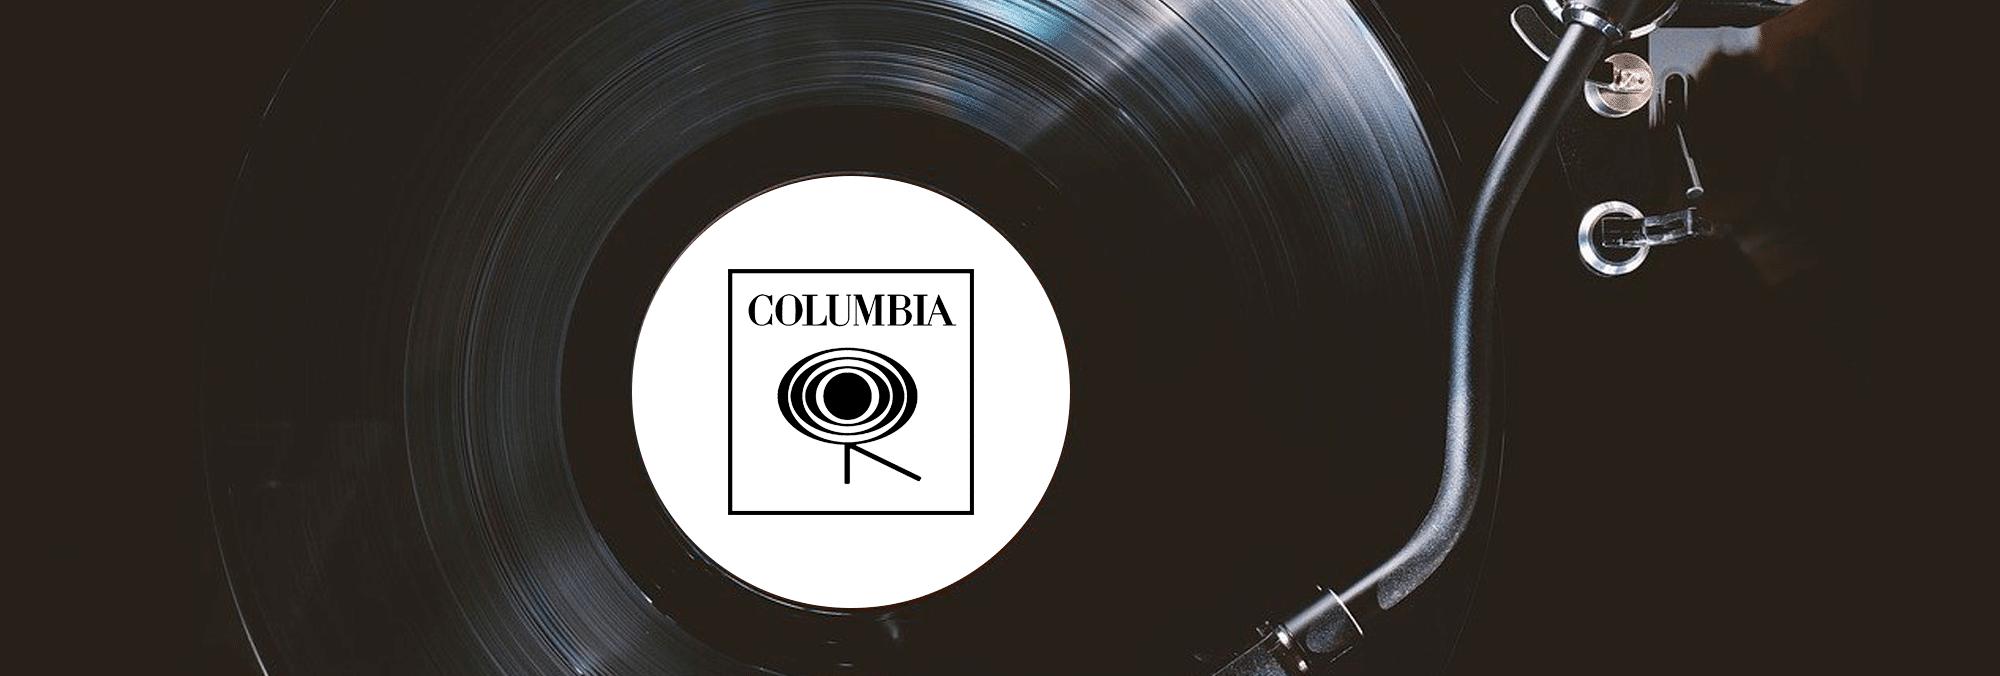 À la découverte des plus grands labels de musique : Columbia